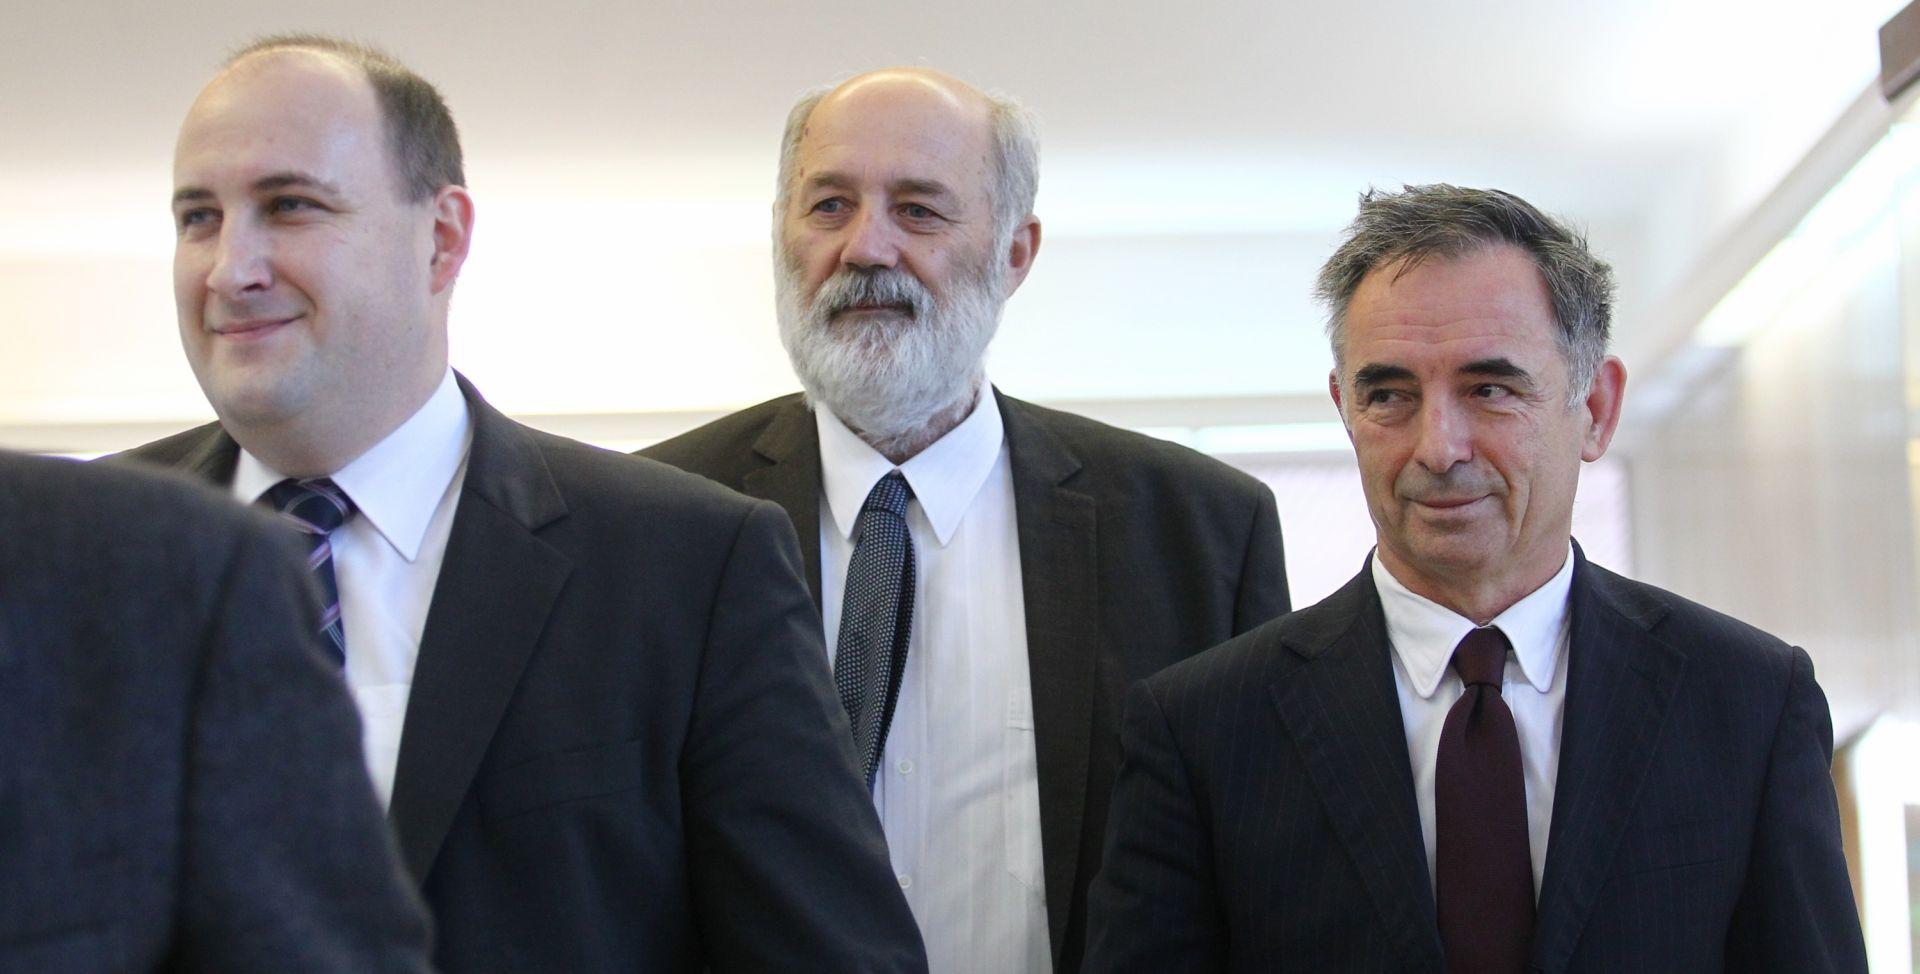 Petoro 'manjinaca' ne želi se još izjasniti o podršci mandataru Domoljubne koalicije i Mosta